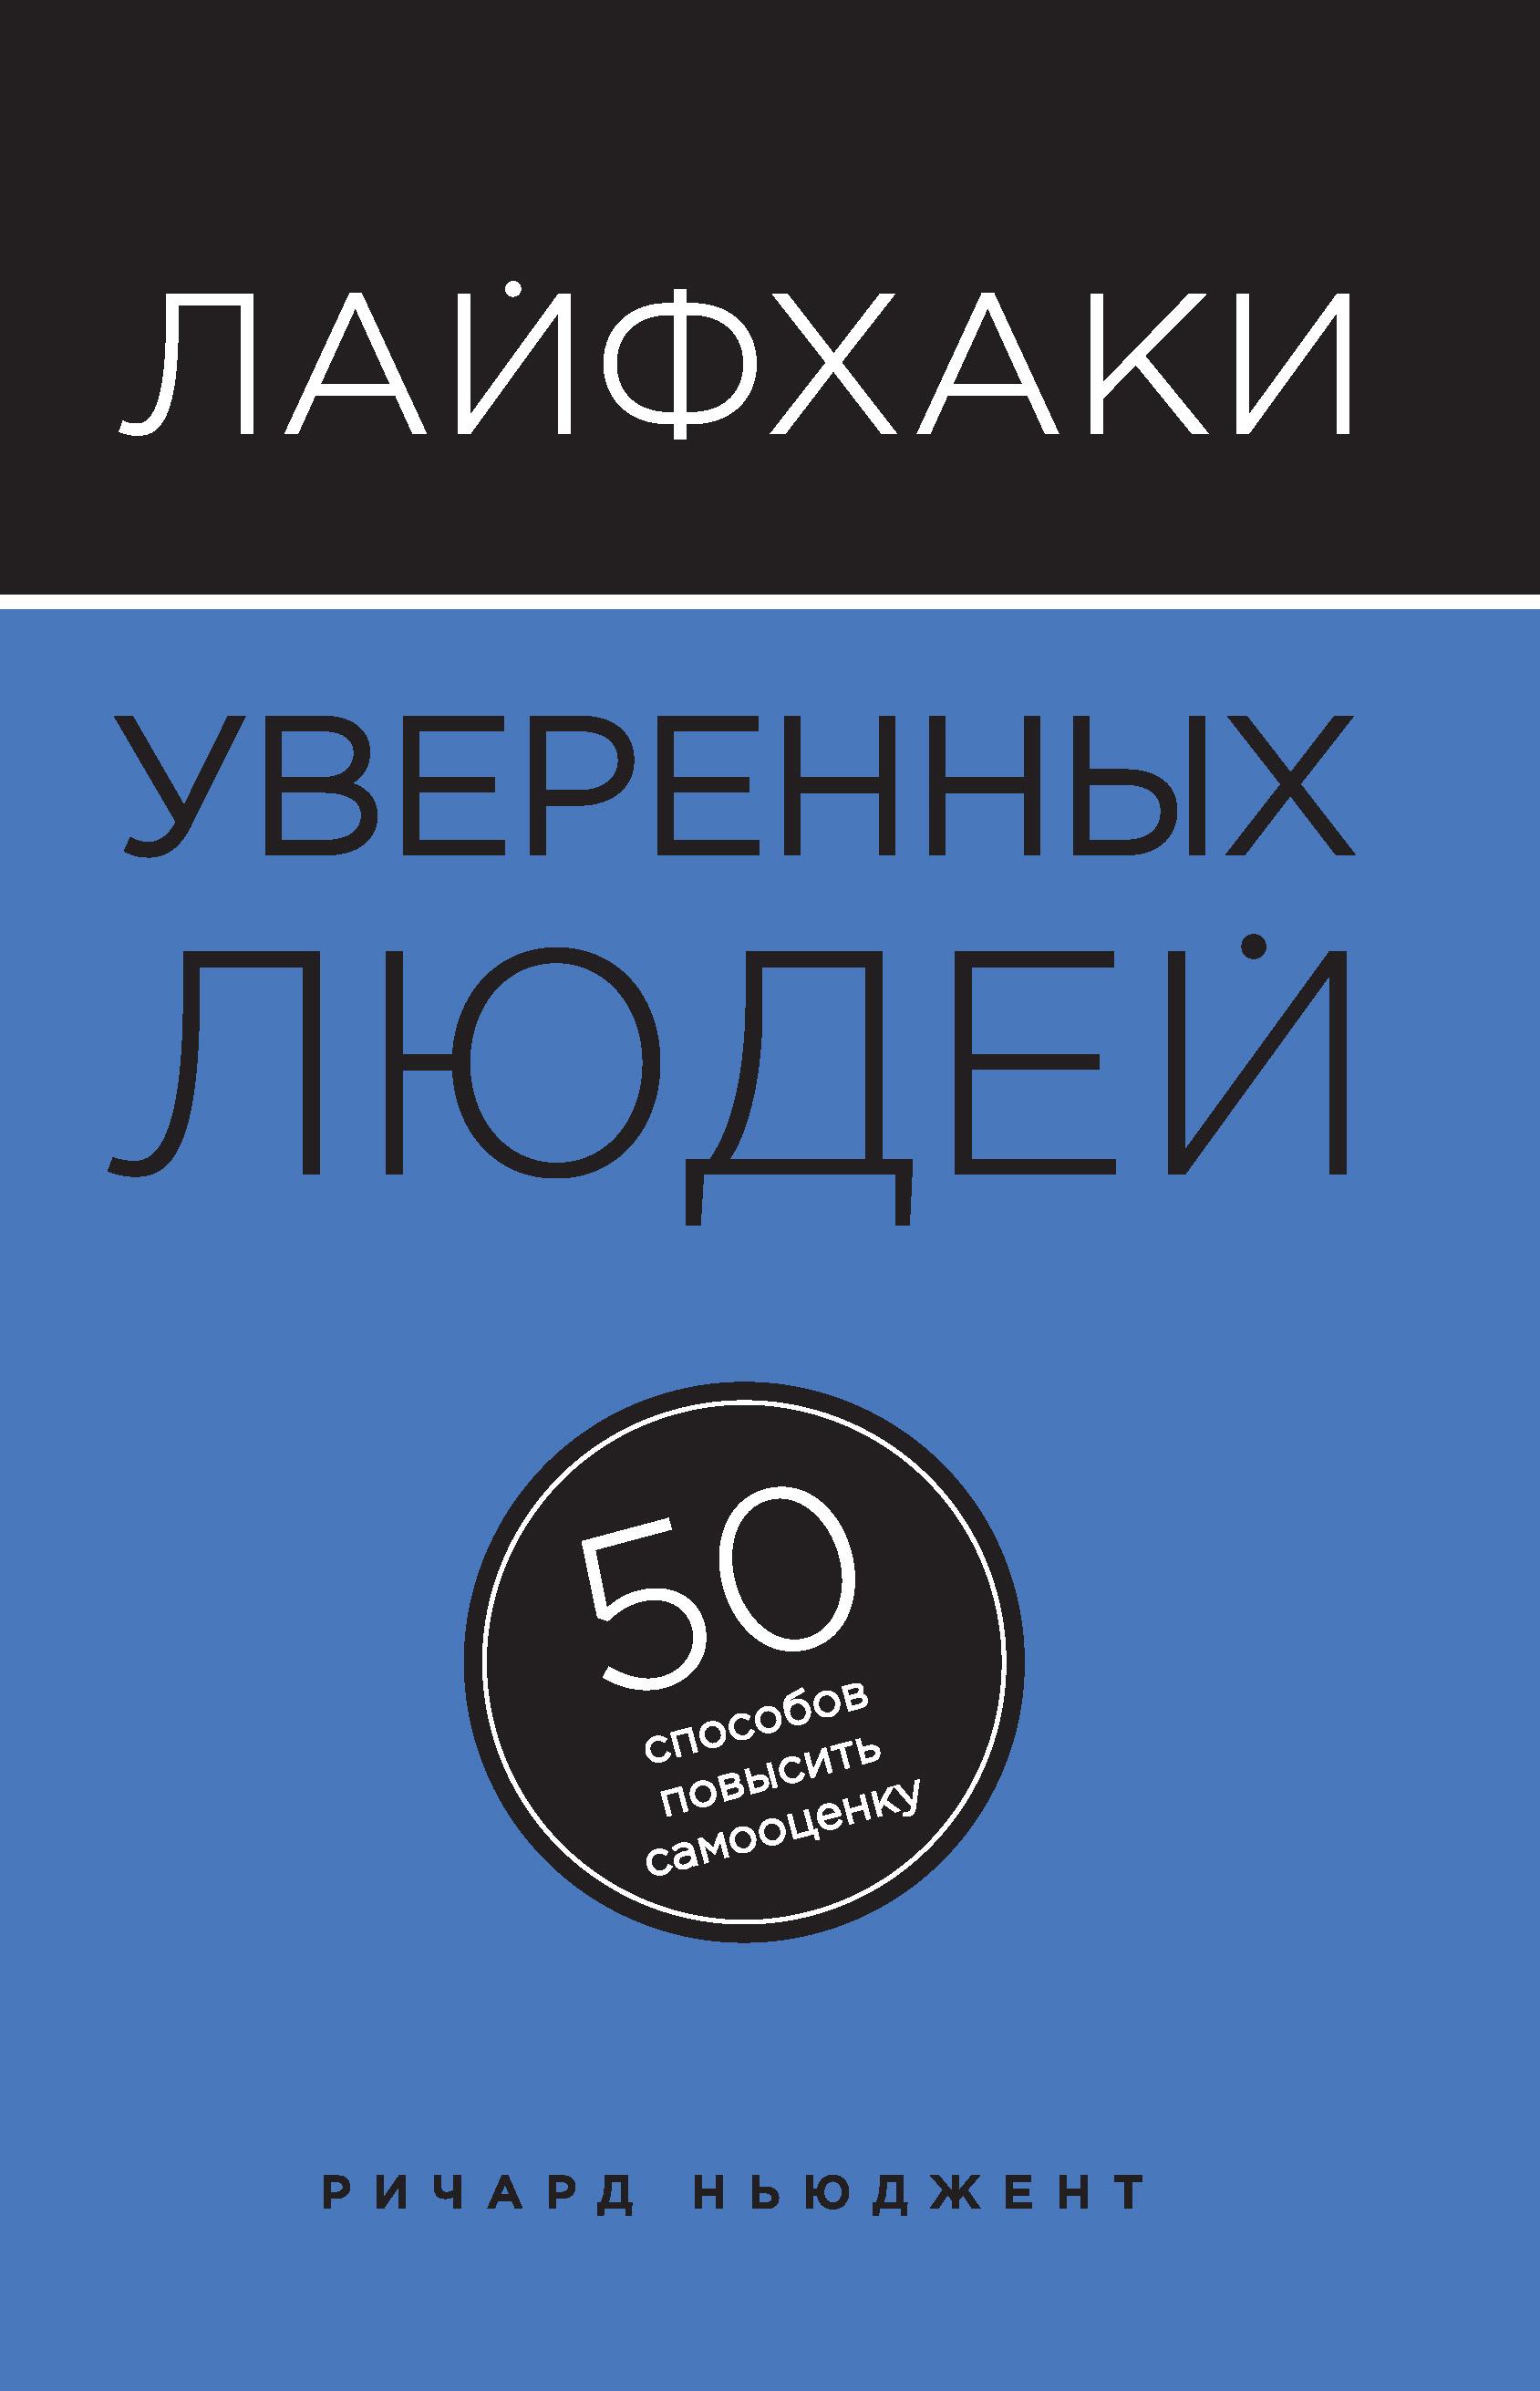 Ричард Ньюджент Лайфхаки уверенных людей. 50 способов повысить самооценку цены онлайн